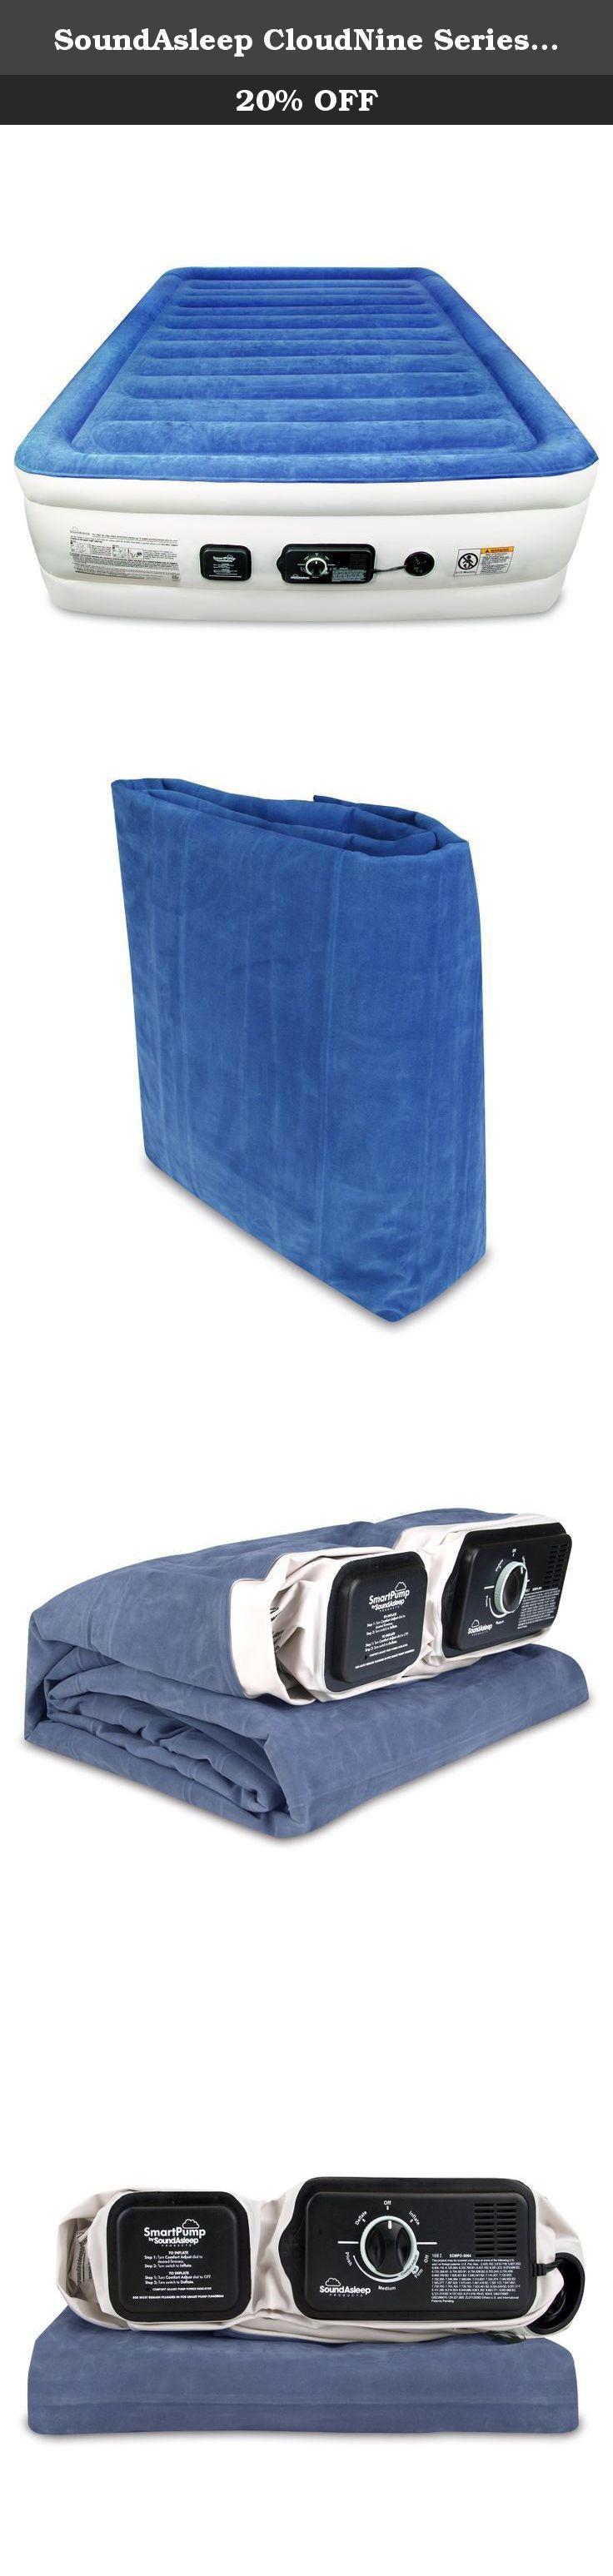 soundasleep cloudnine series queen air mattress with dual smart pump technology by soundasleep products blue